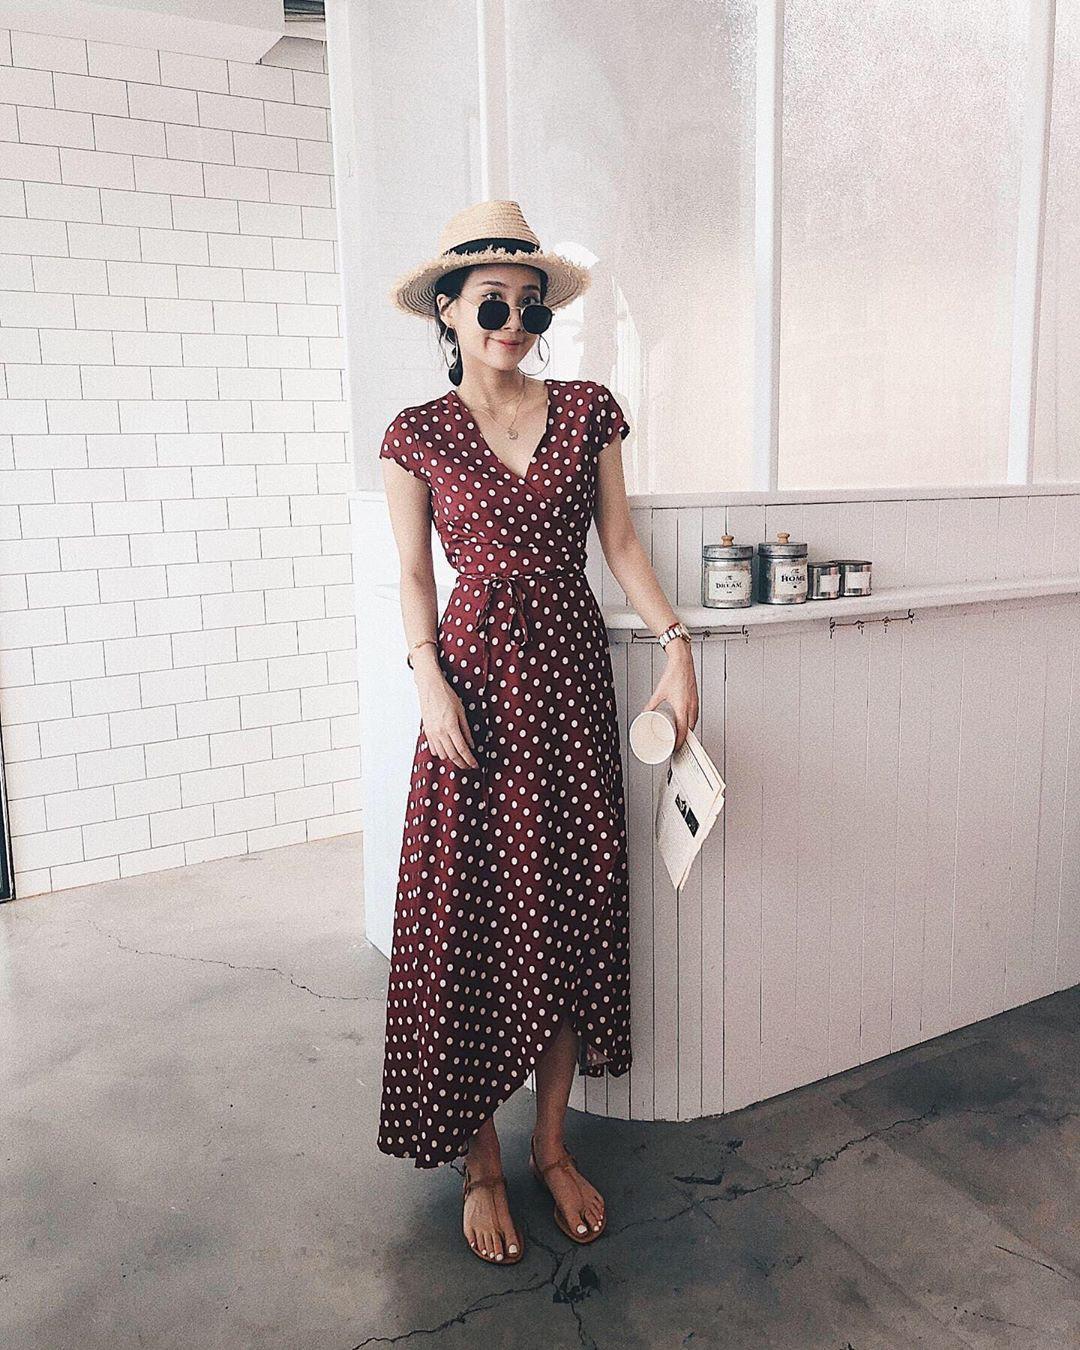 """4 mẫu váy đơn giản nhưng thừa độ sang chảnh, tinh tế giúp style của chị em """"sang trang"""" mới huy hoàng - Ảnh 10"""